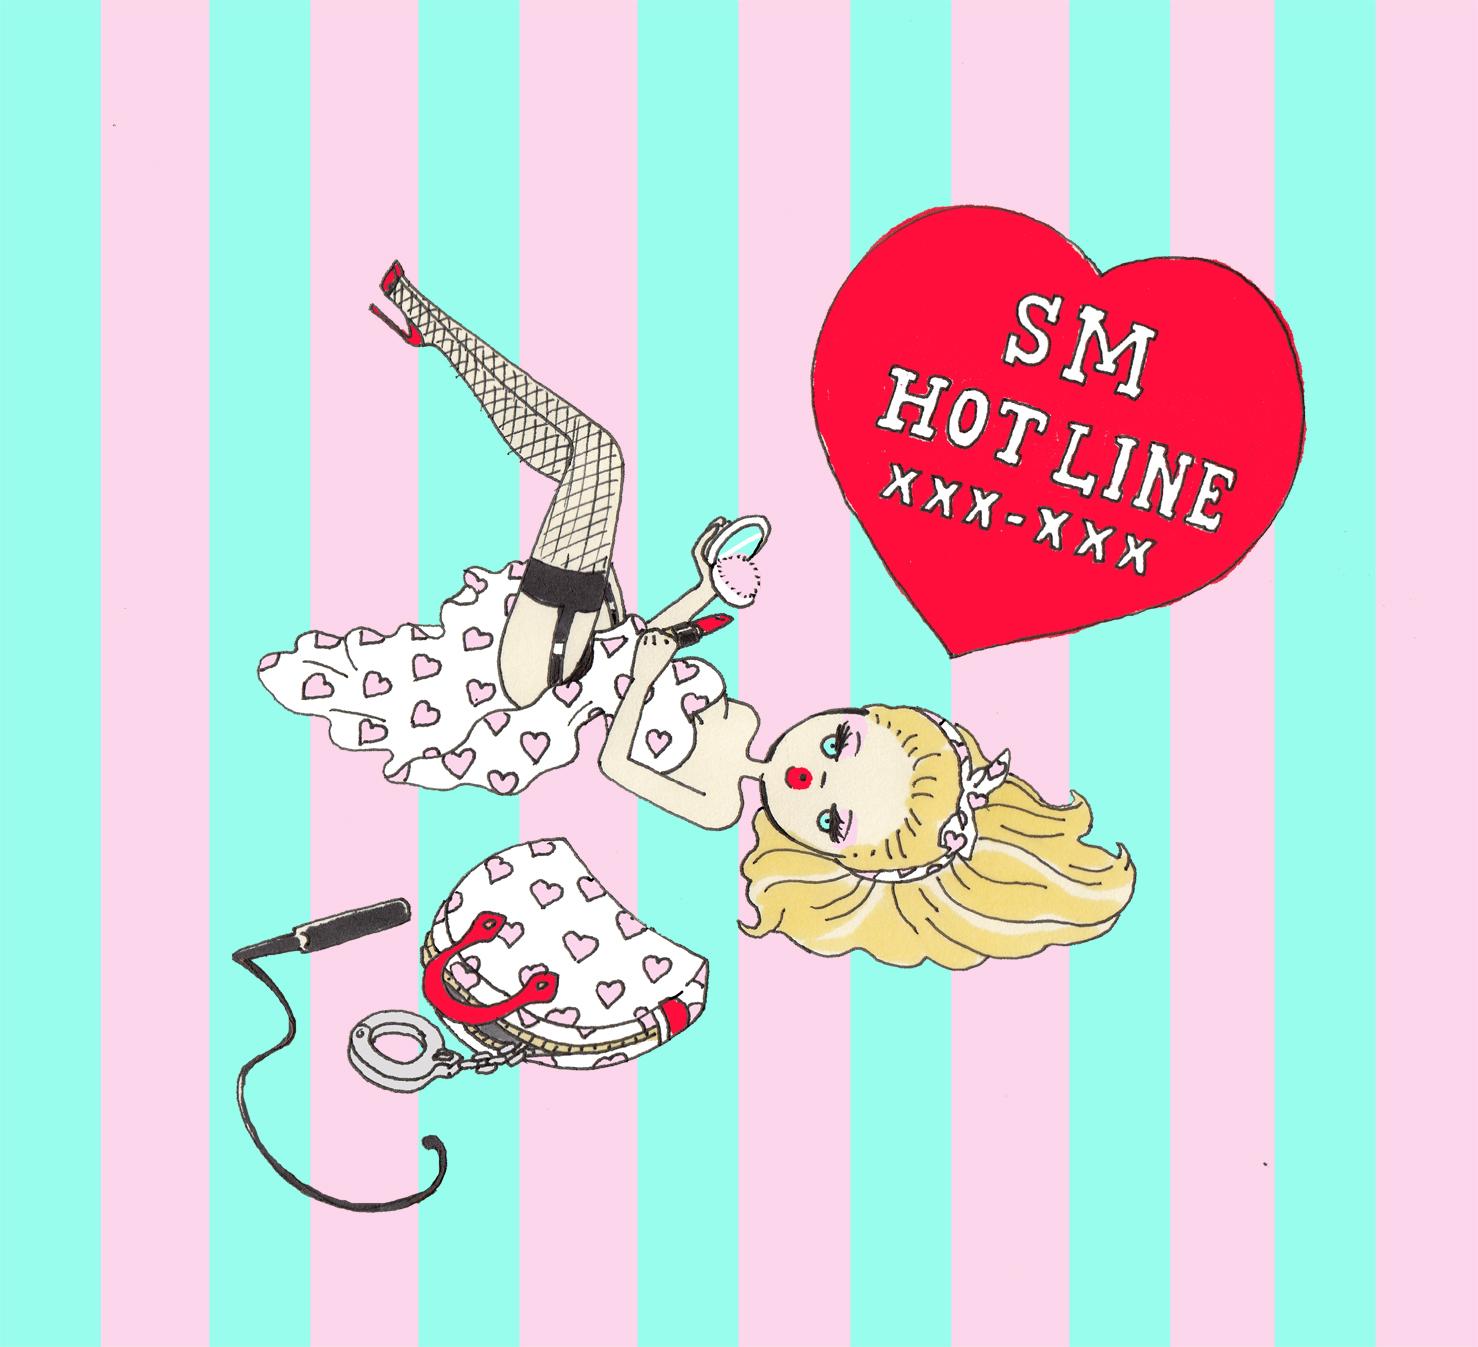 SM HOT LINE ♡ XXX-XXX : エロティックでガーリーな「FOXY illustrations」が気